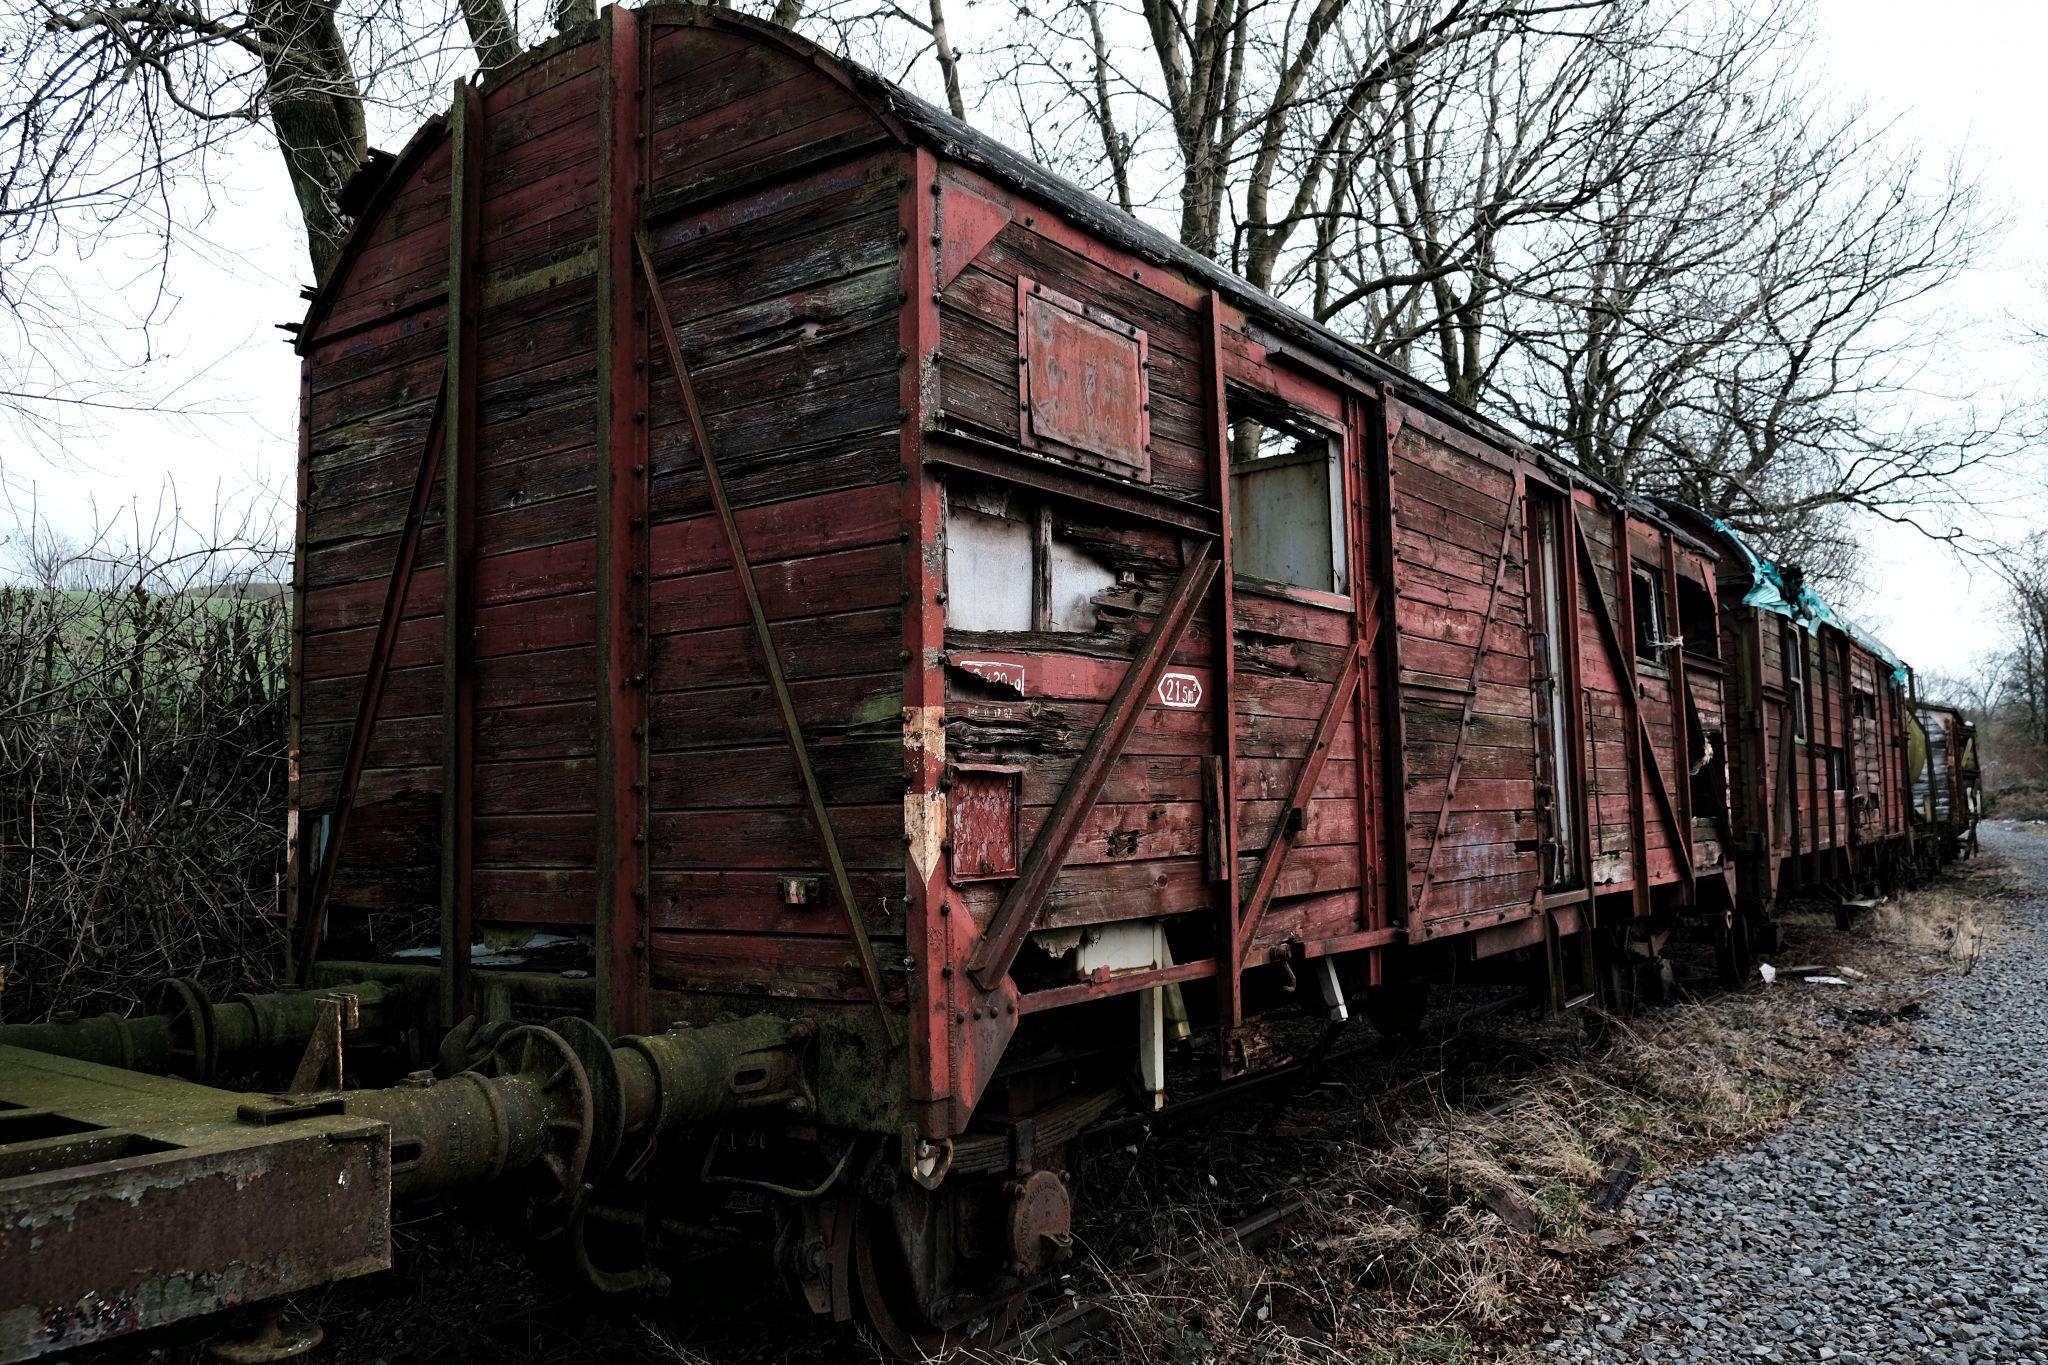 Verfallende Züge bei Hombourg, Belgium